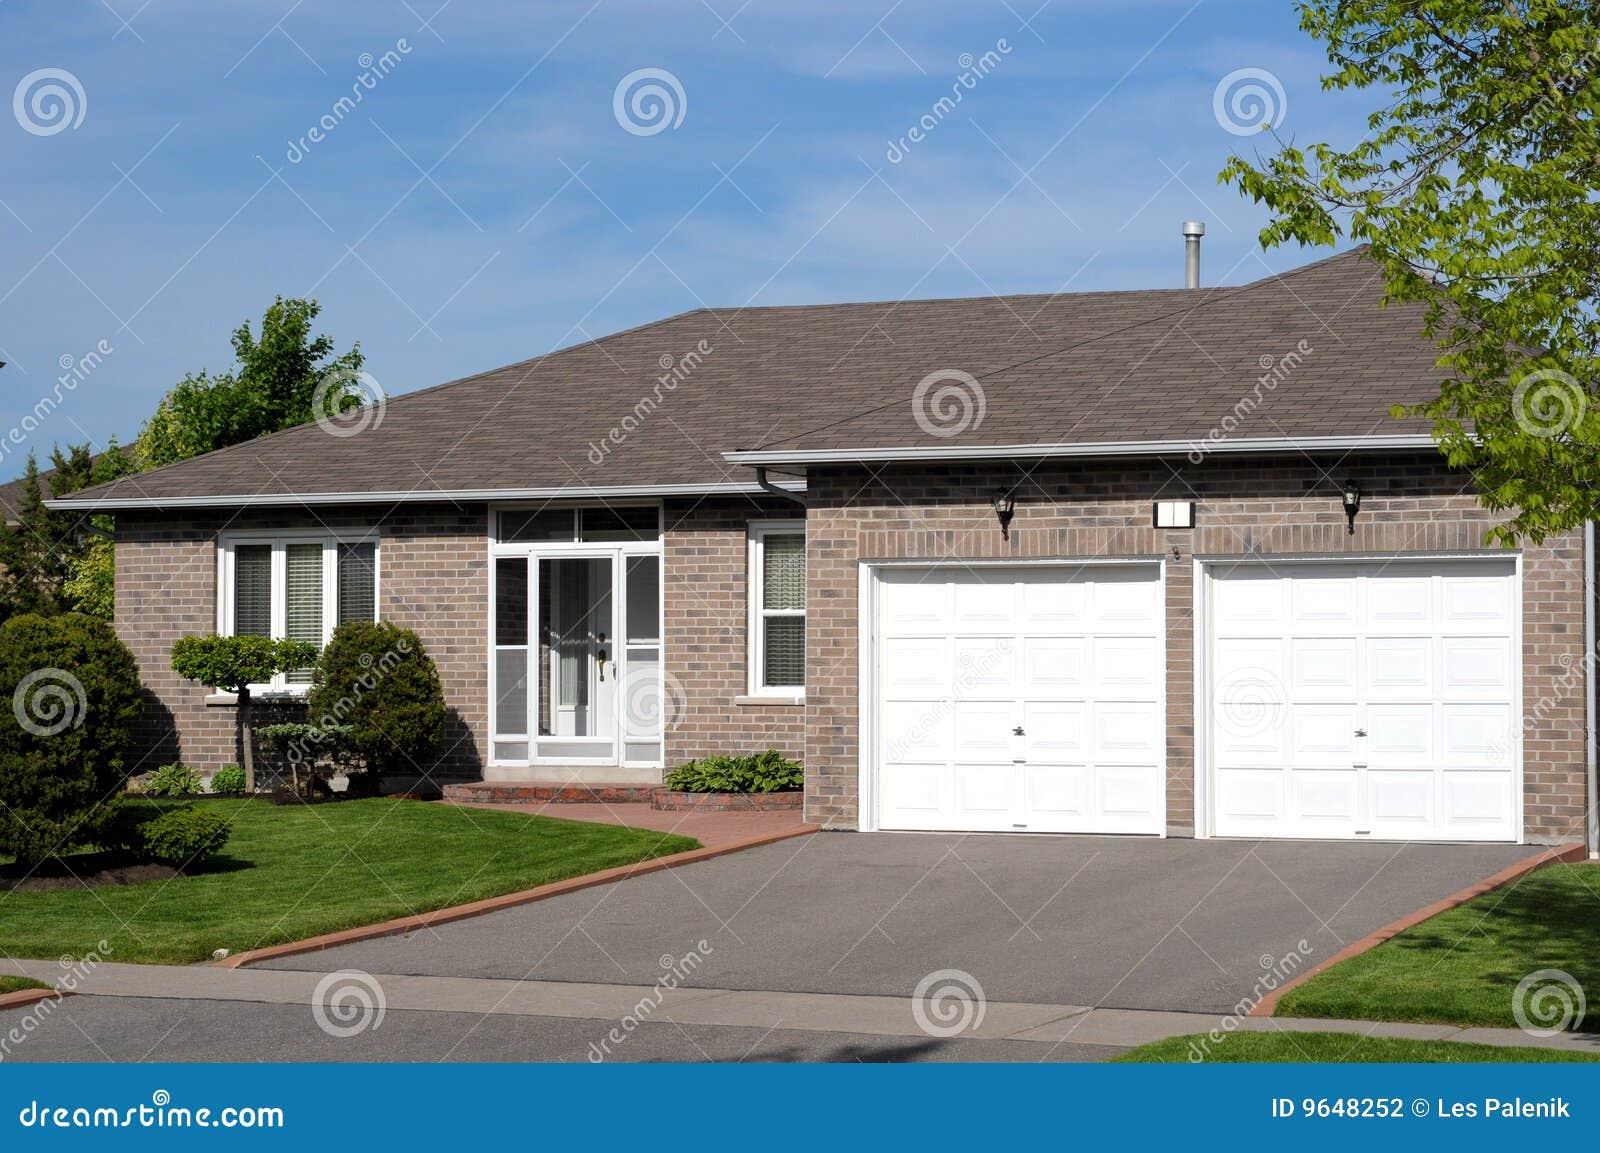 Luxus bungalow mit garage  Bungalow Mit Garage Lizenzfreies Stockbild - Bild: 455166